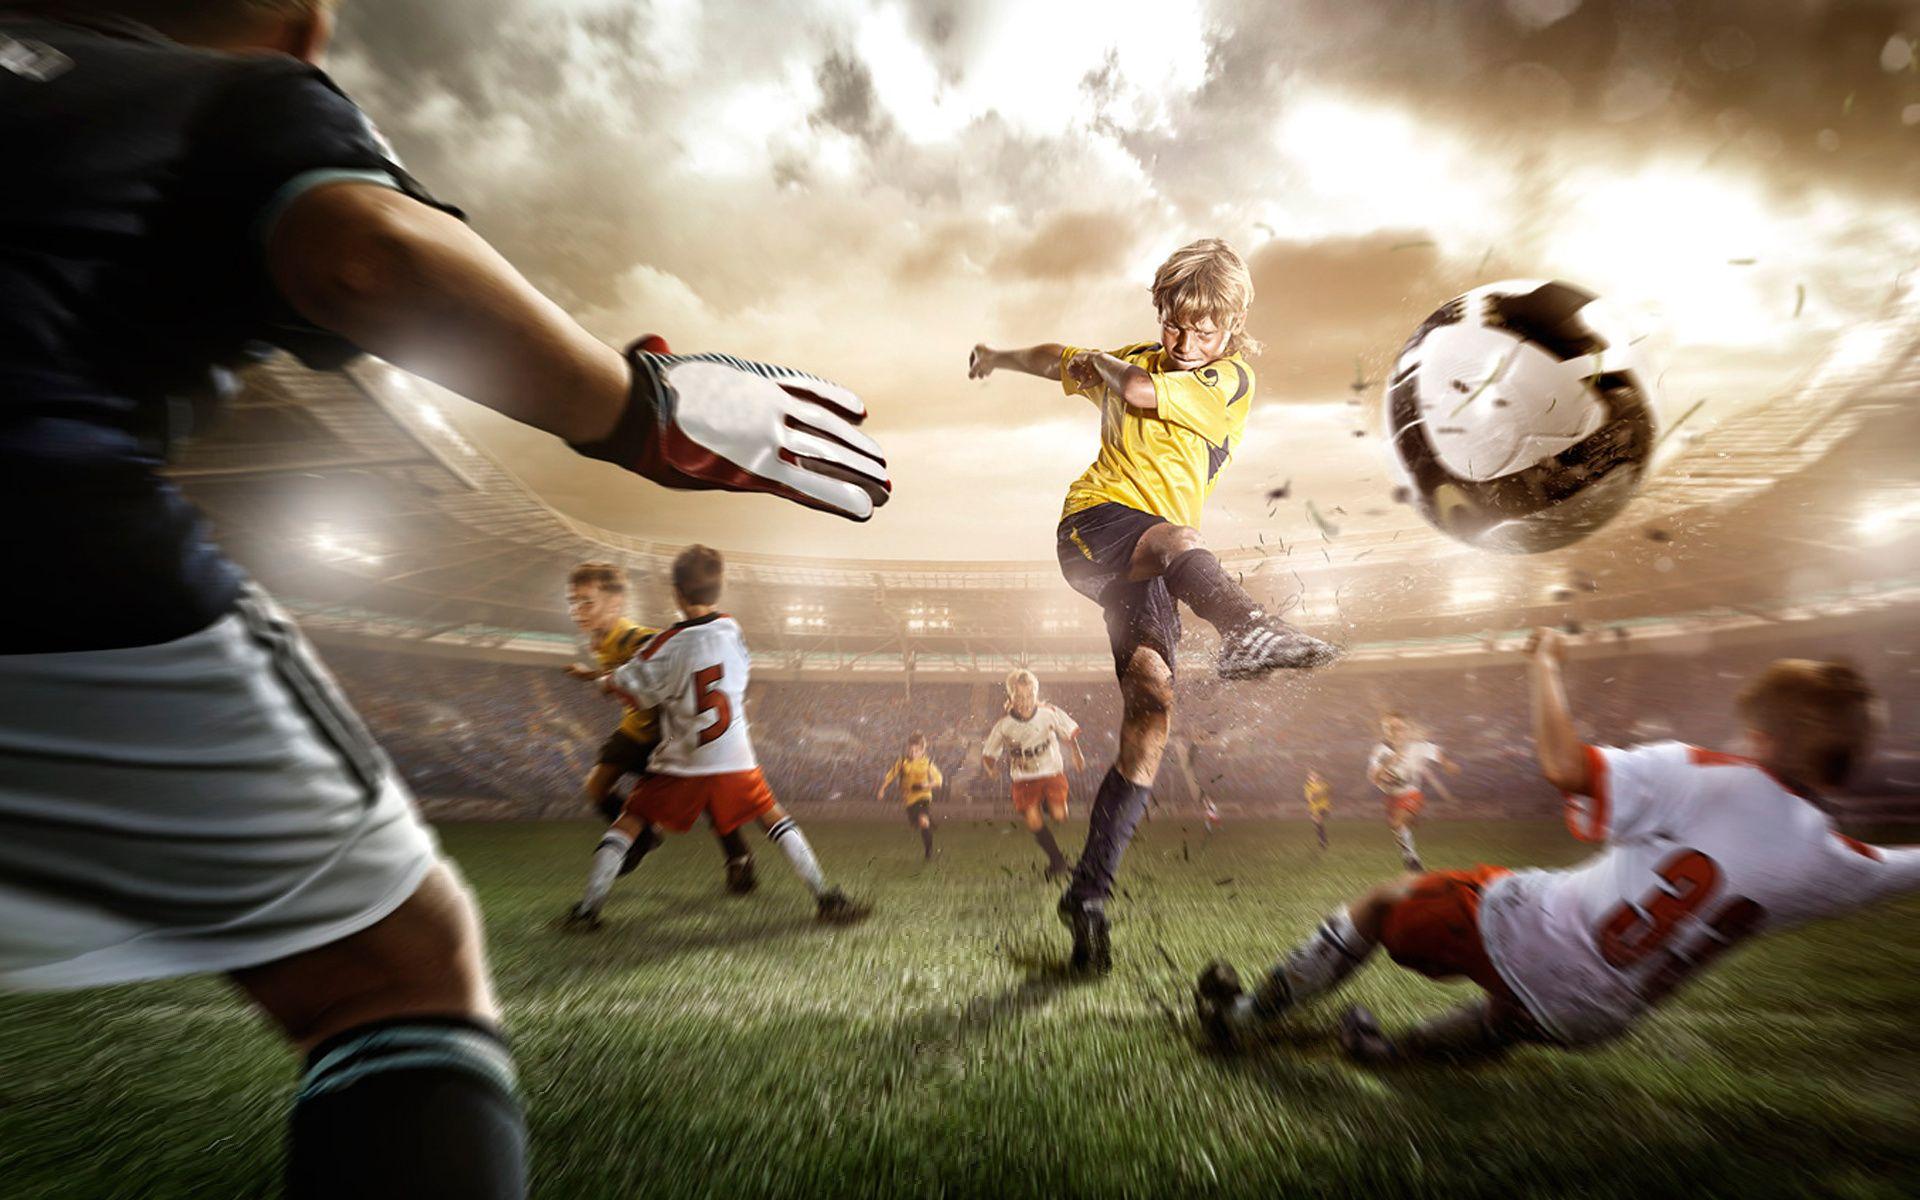 Softball Wallpapers For Kids: Football Wallpaper Sport Kids HD Desktop Cool Wallpaper 3d